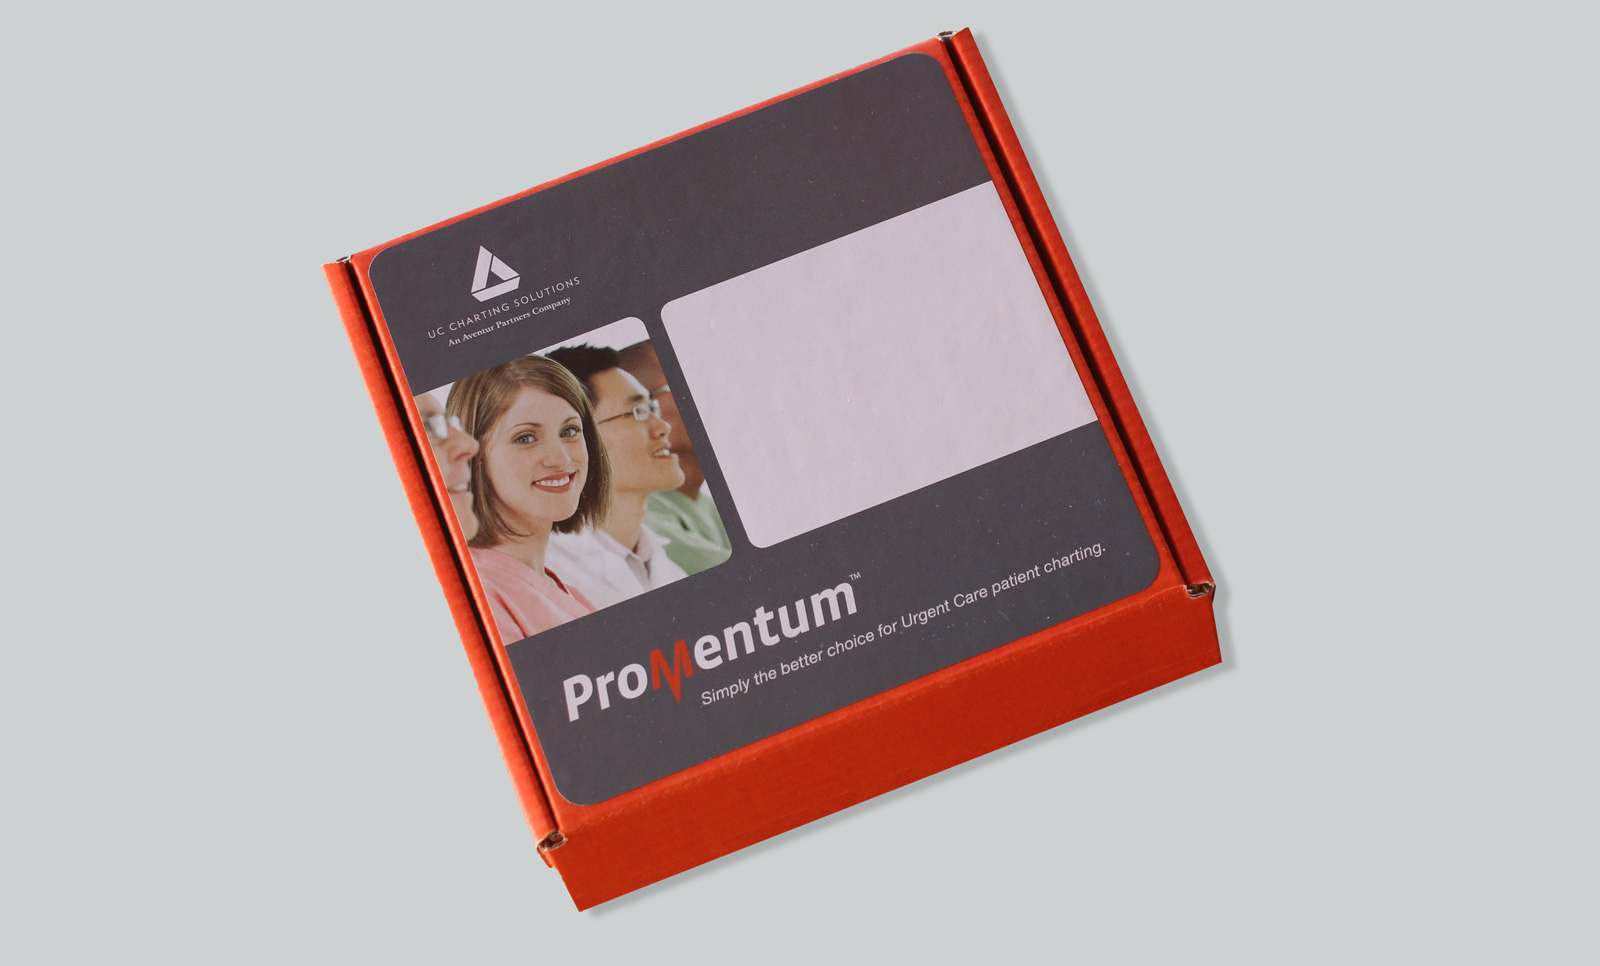 promentum_lid